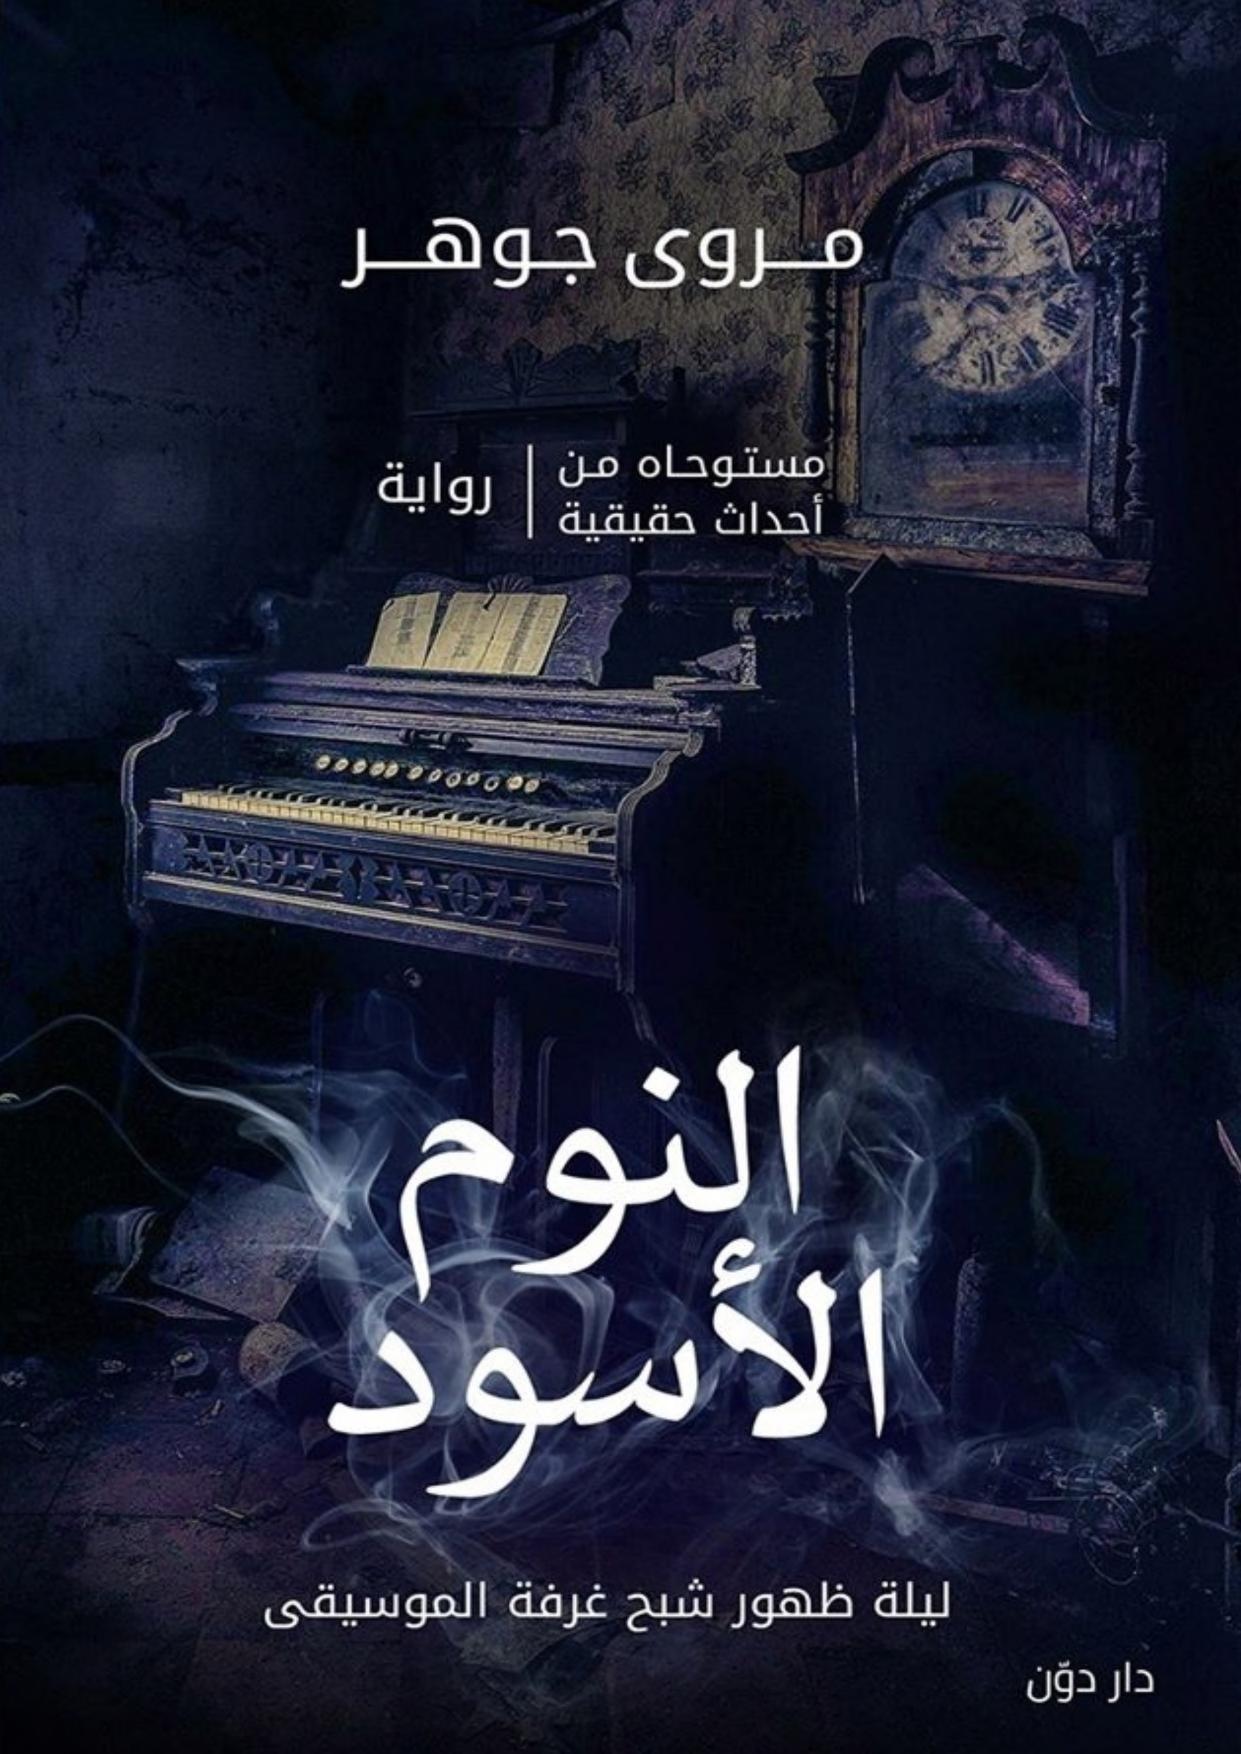 رواية أمواج أكم قواعد جارتين الجزء الثالث عمرو عبدالحميد Ebooks Free Books Pdf Books Reading Instagram Inspiration Posts